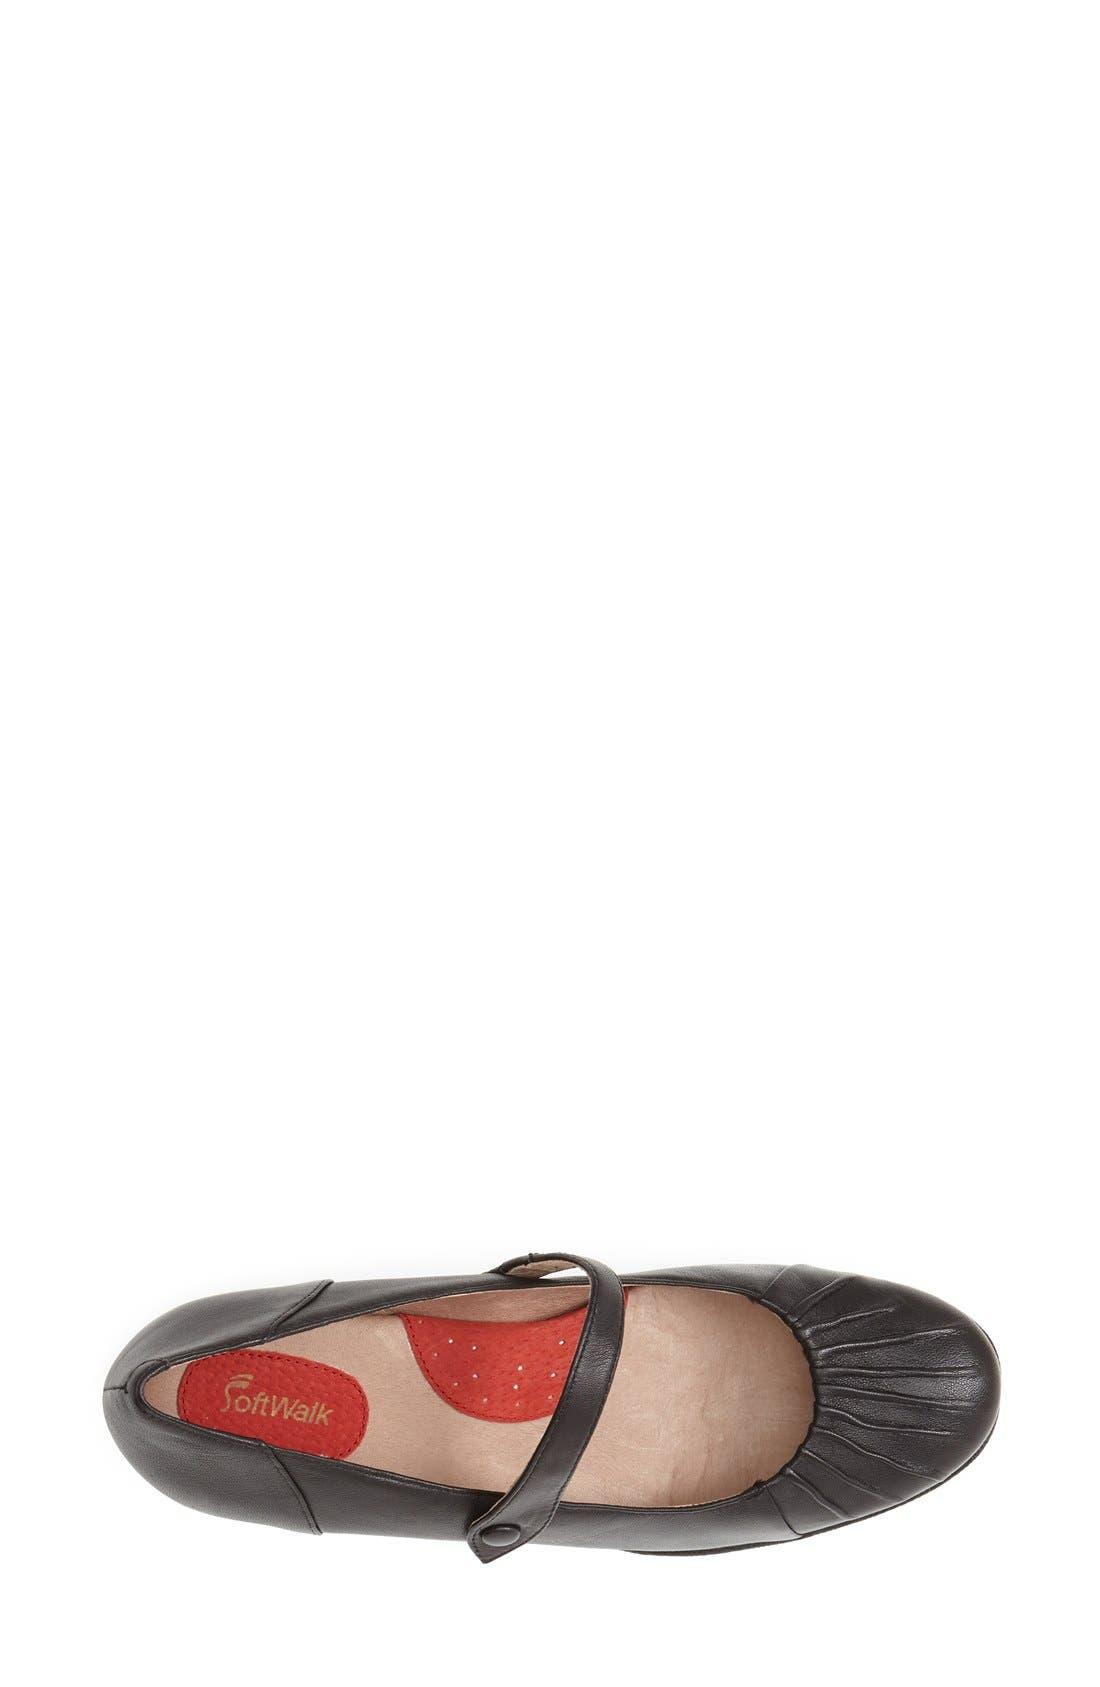 Alternate Image 3  - SoftWalk® 'Ireland' Leather Mary Jane Pump (Women)